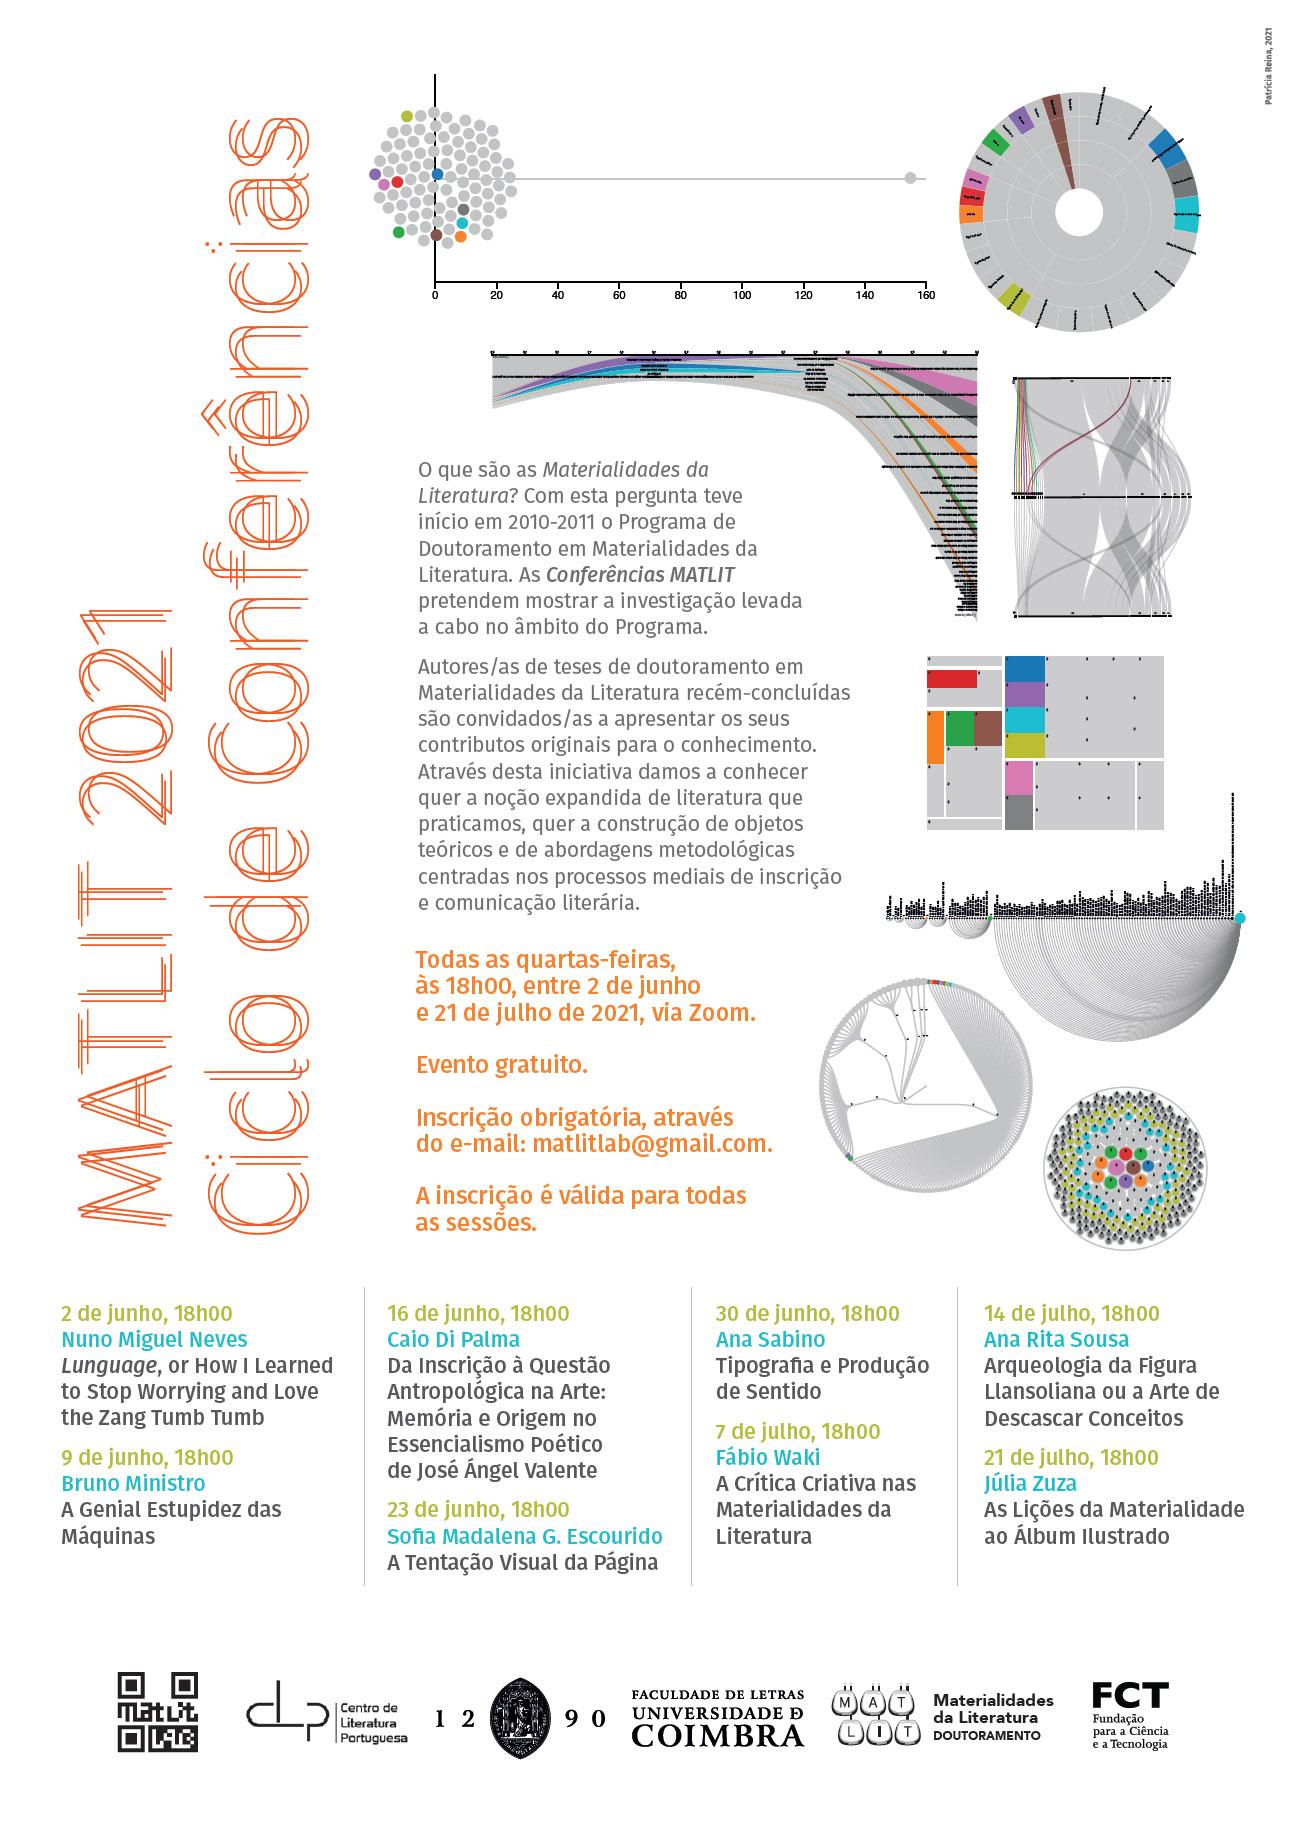 CicloConferencias2021